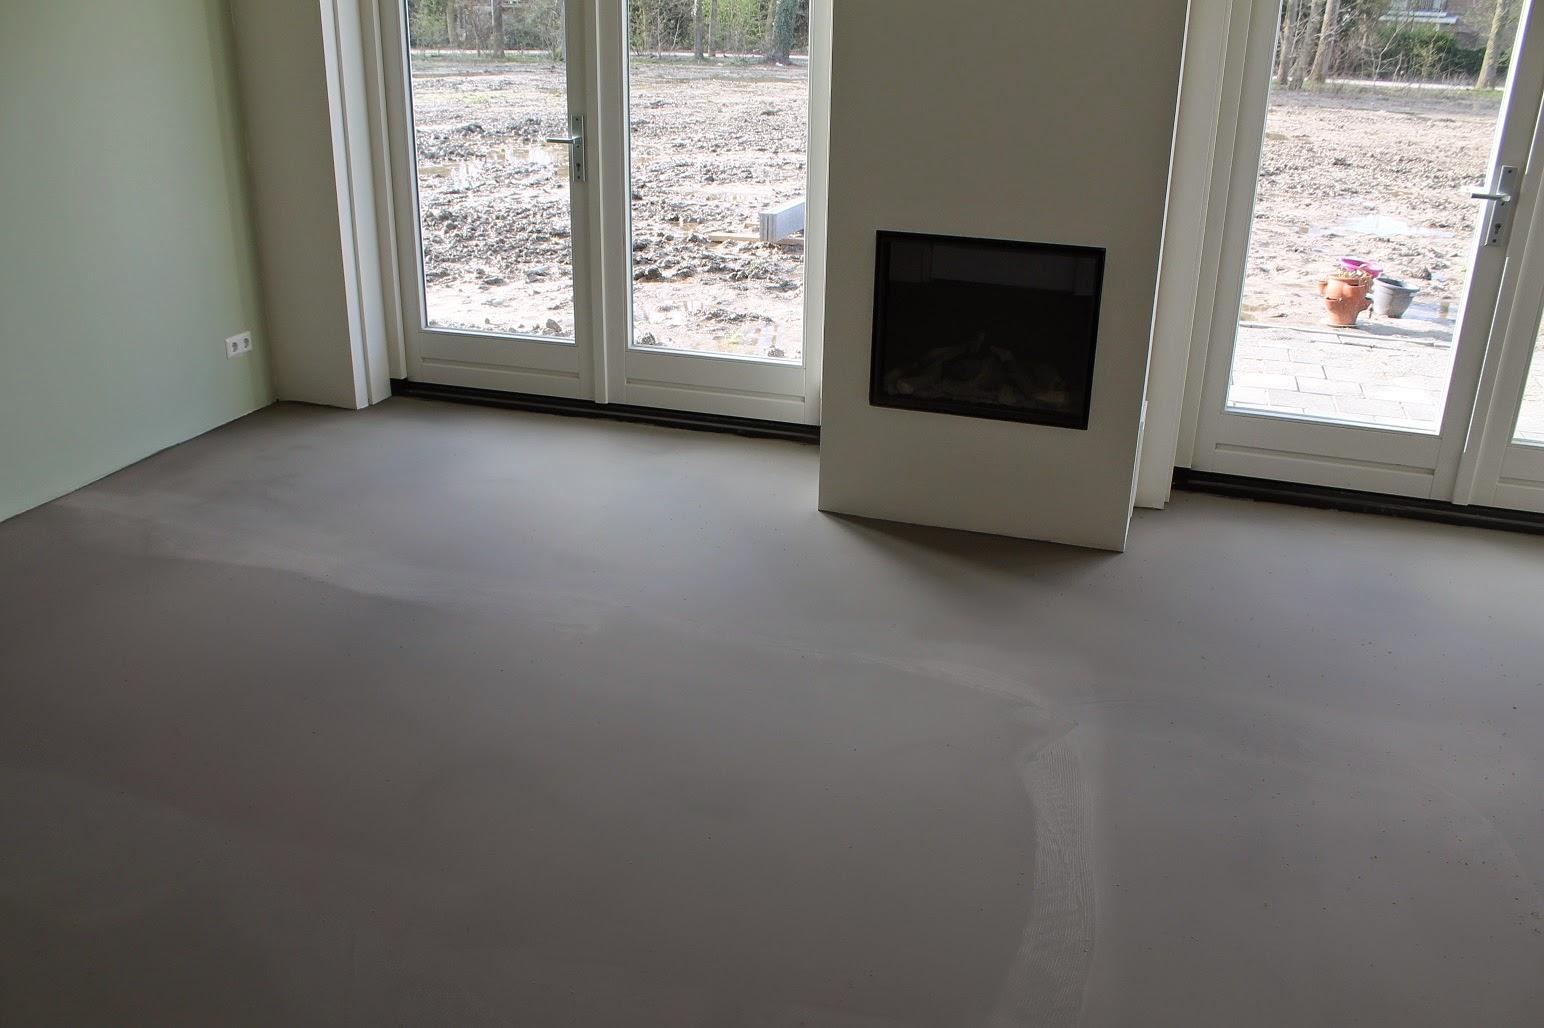 Helen marc & olivia bouwen een huis: vloerafwerkingen